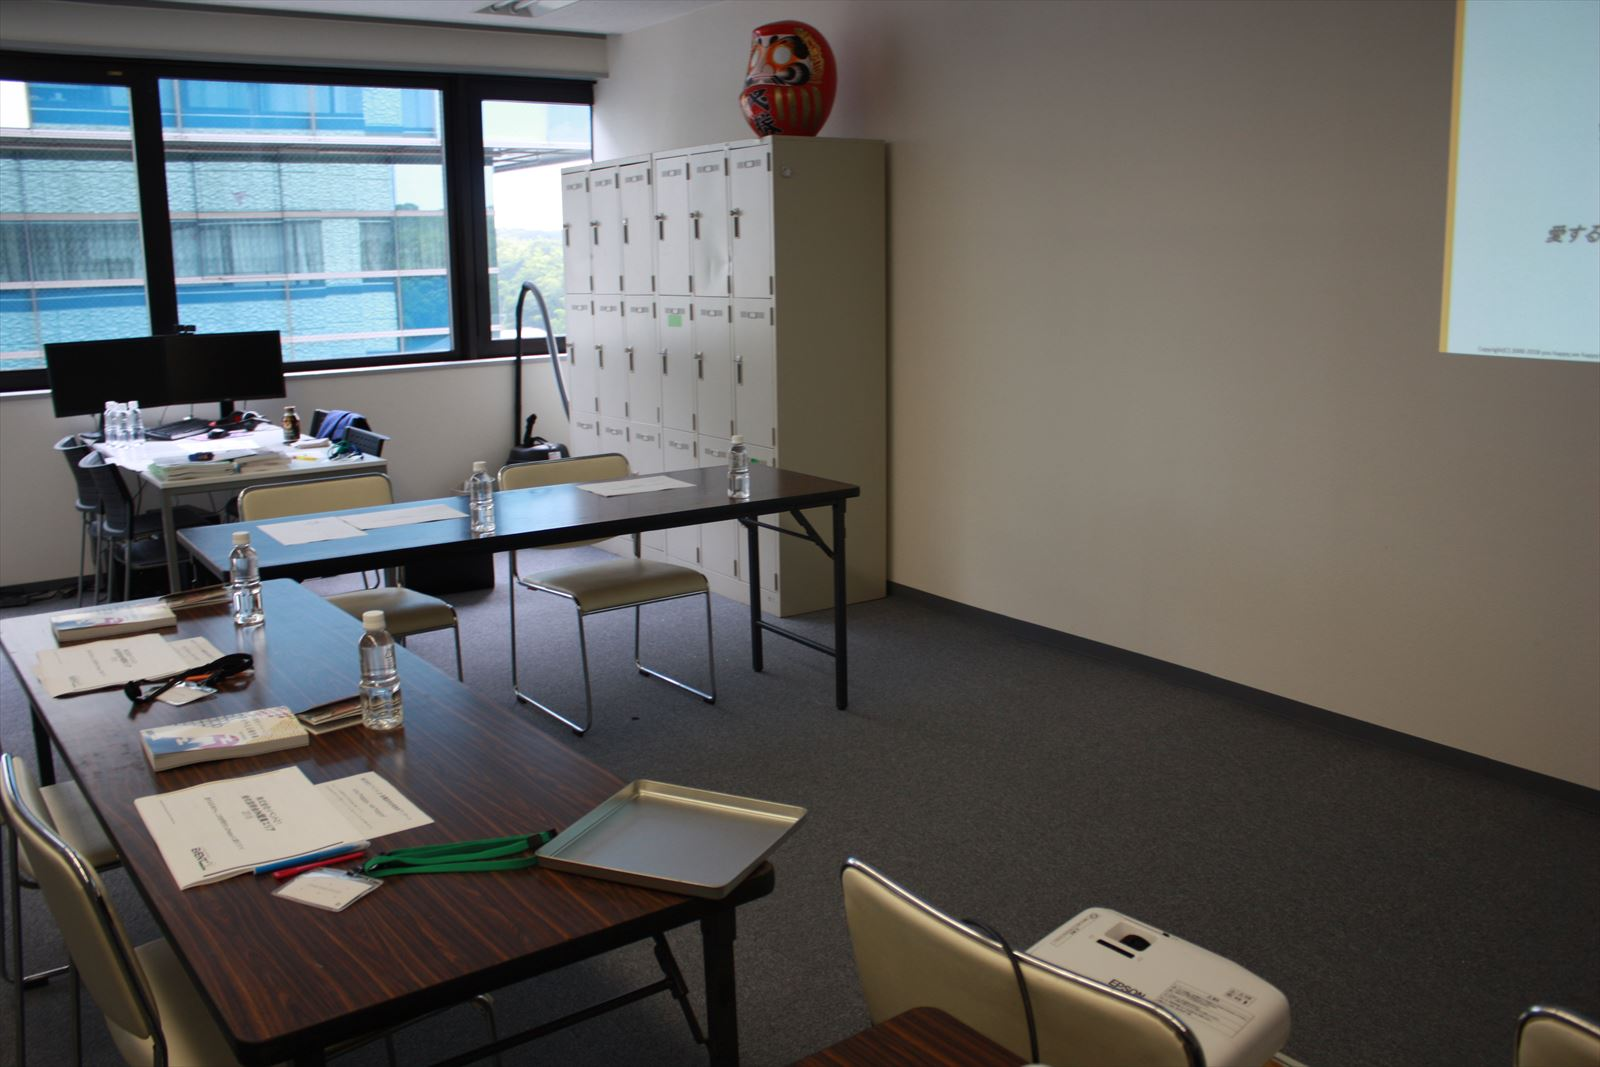 会社説明会でも使用できる人気のテーブルと椅子なら神奈川イベント会社!